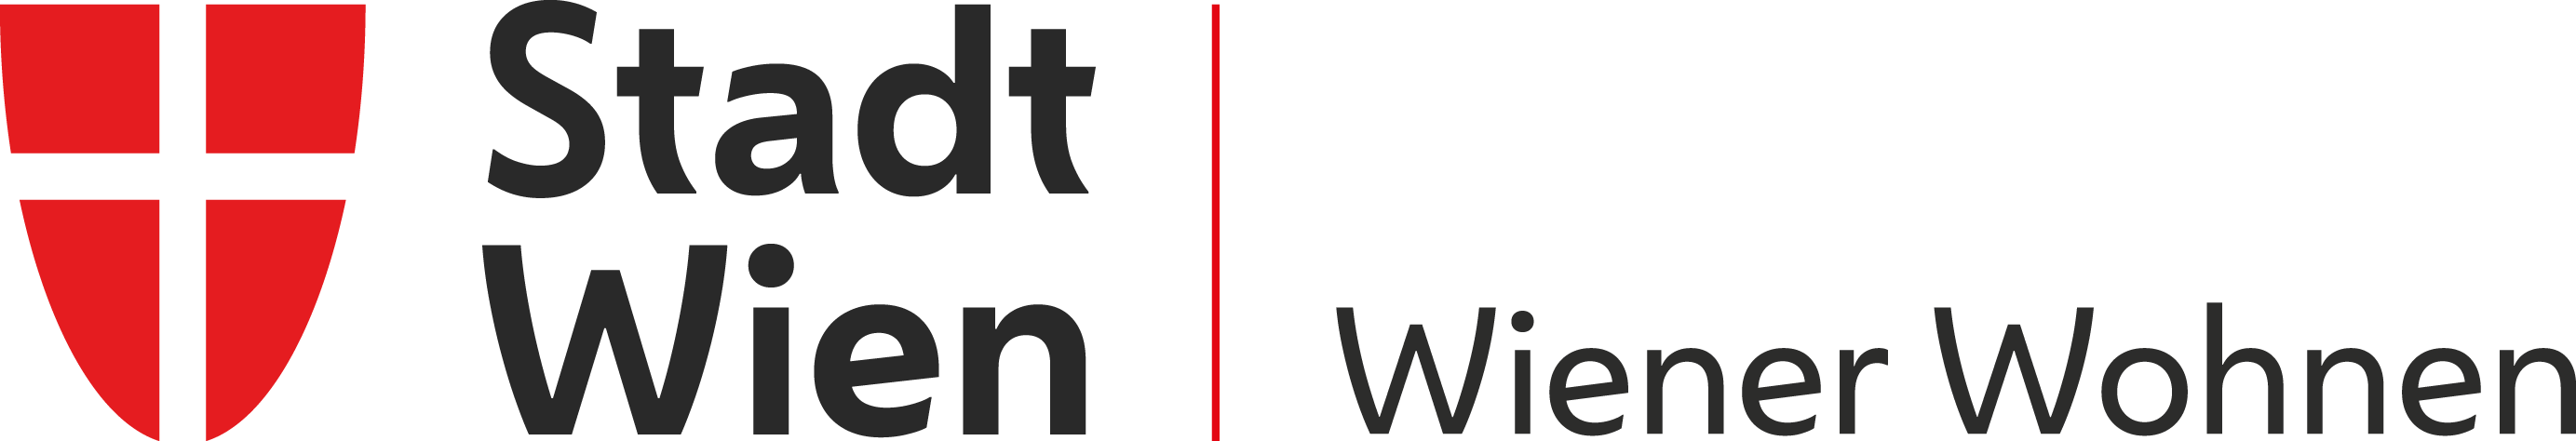 Wiener Wohnen Logo